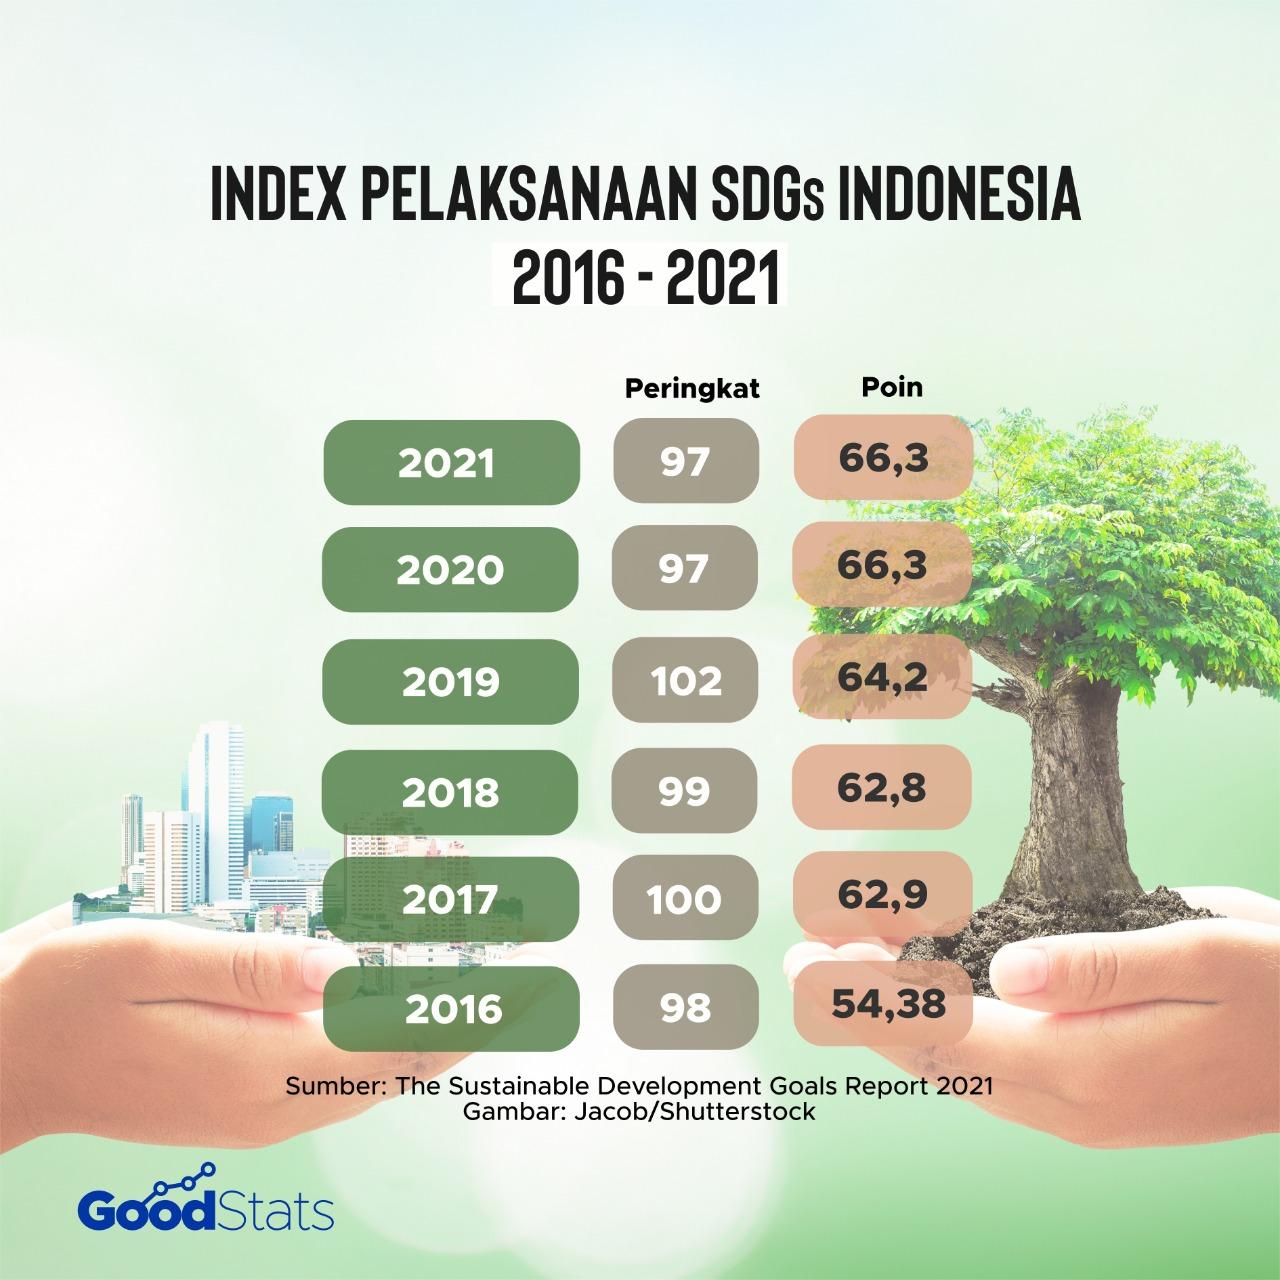 Index Pelaksanaan Program SDGs di Indonesia sejak tahun 2016 hingga 2021 | Foto : GoodStats